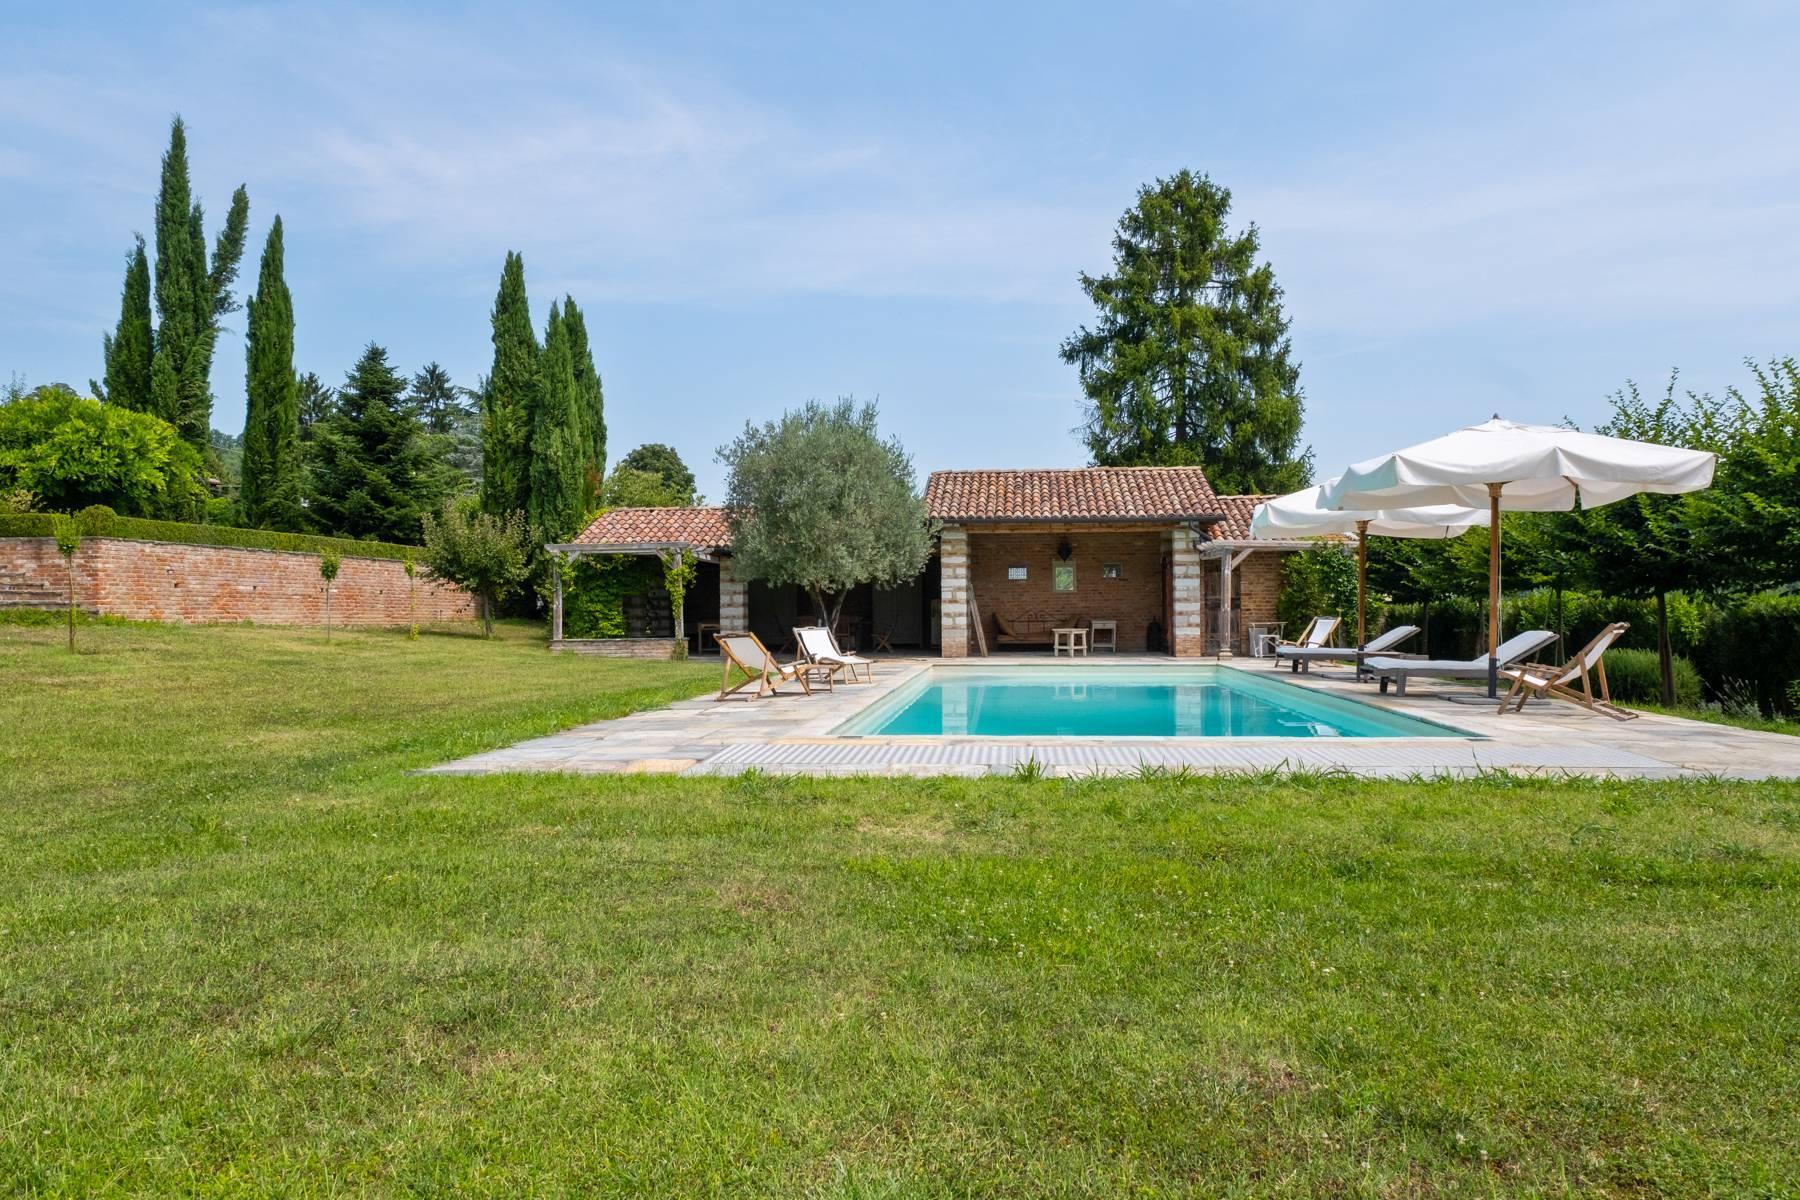 Affascinante casale con piscina nel verde delle colline del Monferrato - 27